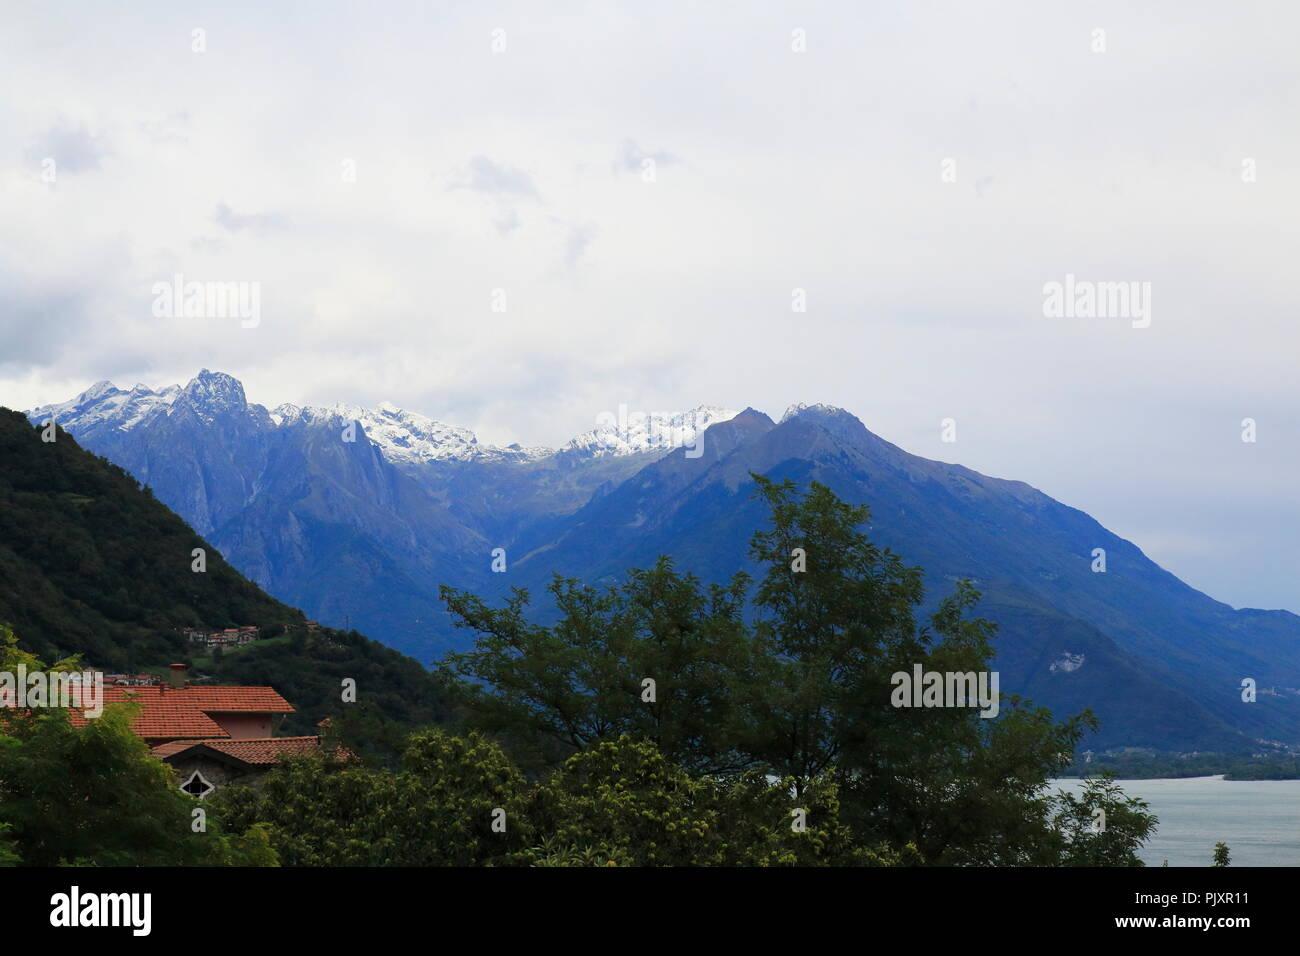 Blick über Gravedona nach Colico am Comer See mit Schnee auf den Bergen - Stock Image